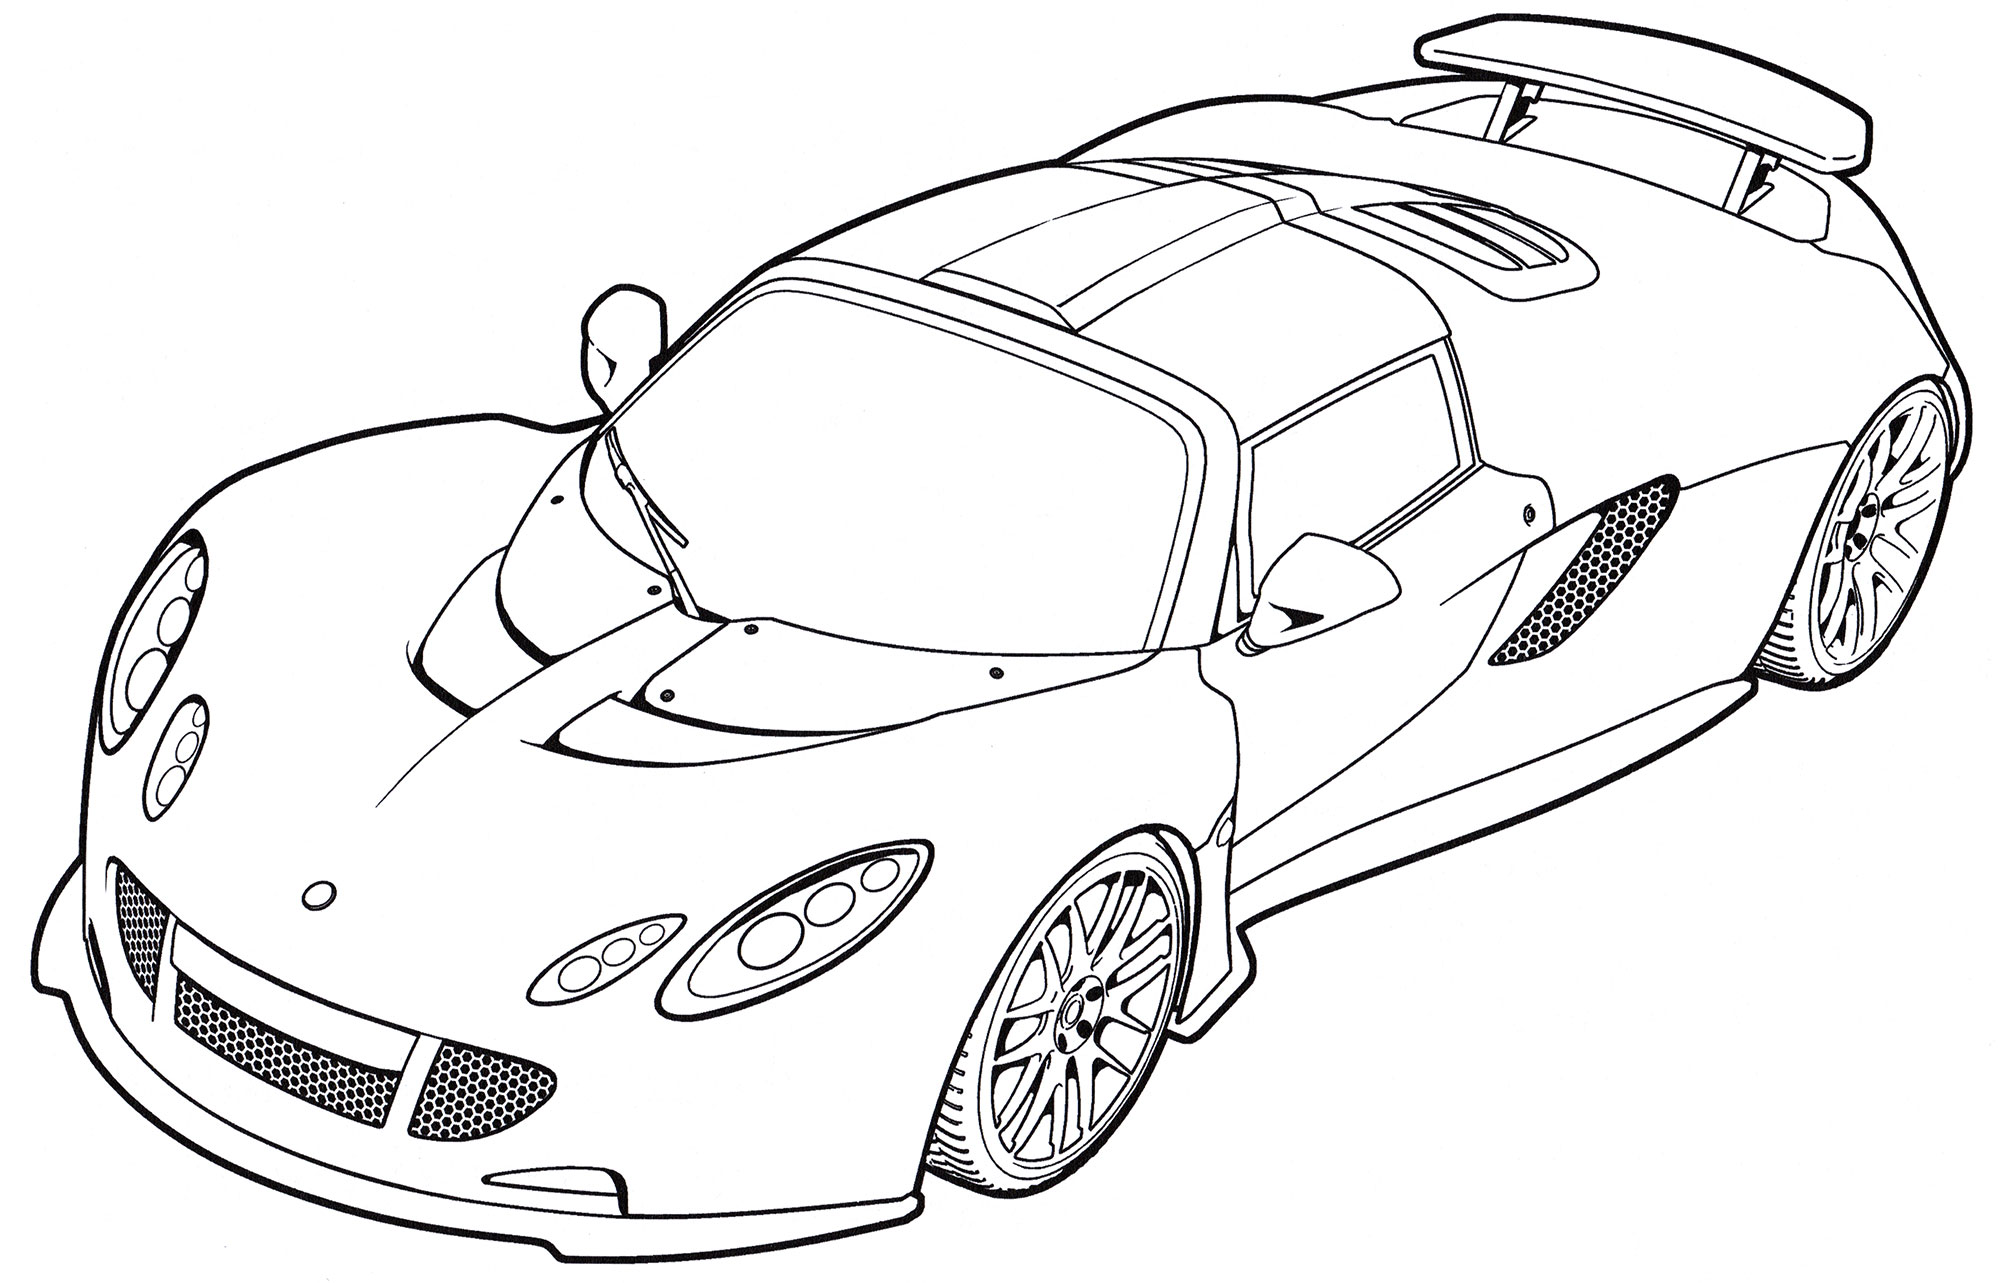 Раскраска Hennessey Venom GT Spyder - распечатать бесплатно